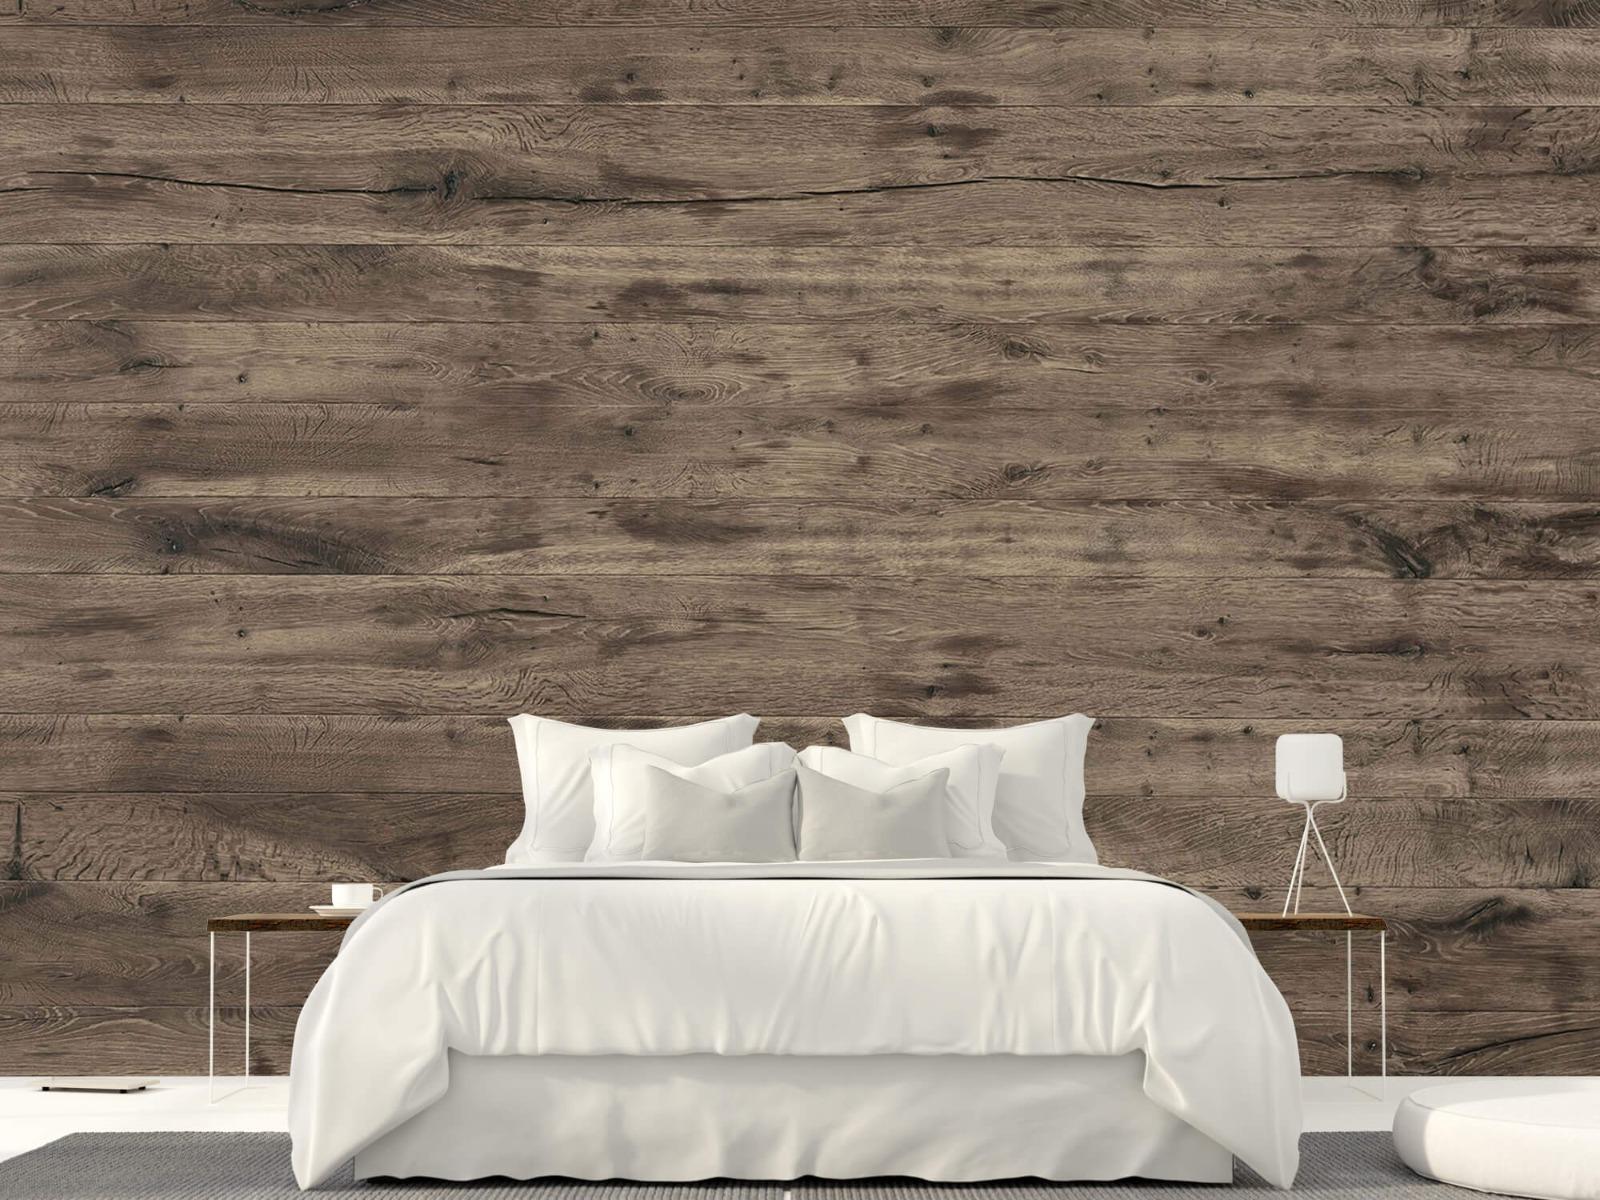 Hout behang - Rustieke houten planken - Garage 23